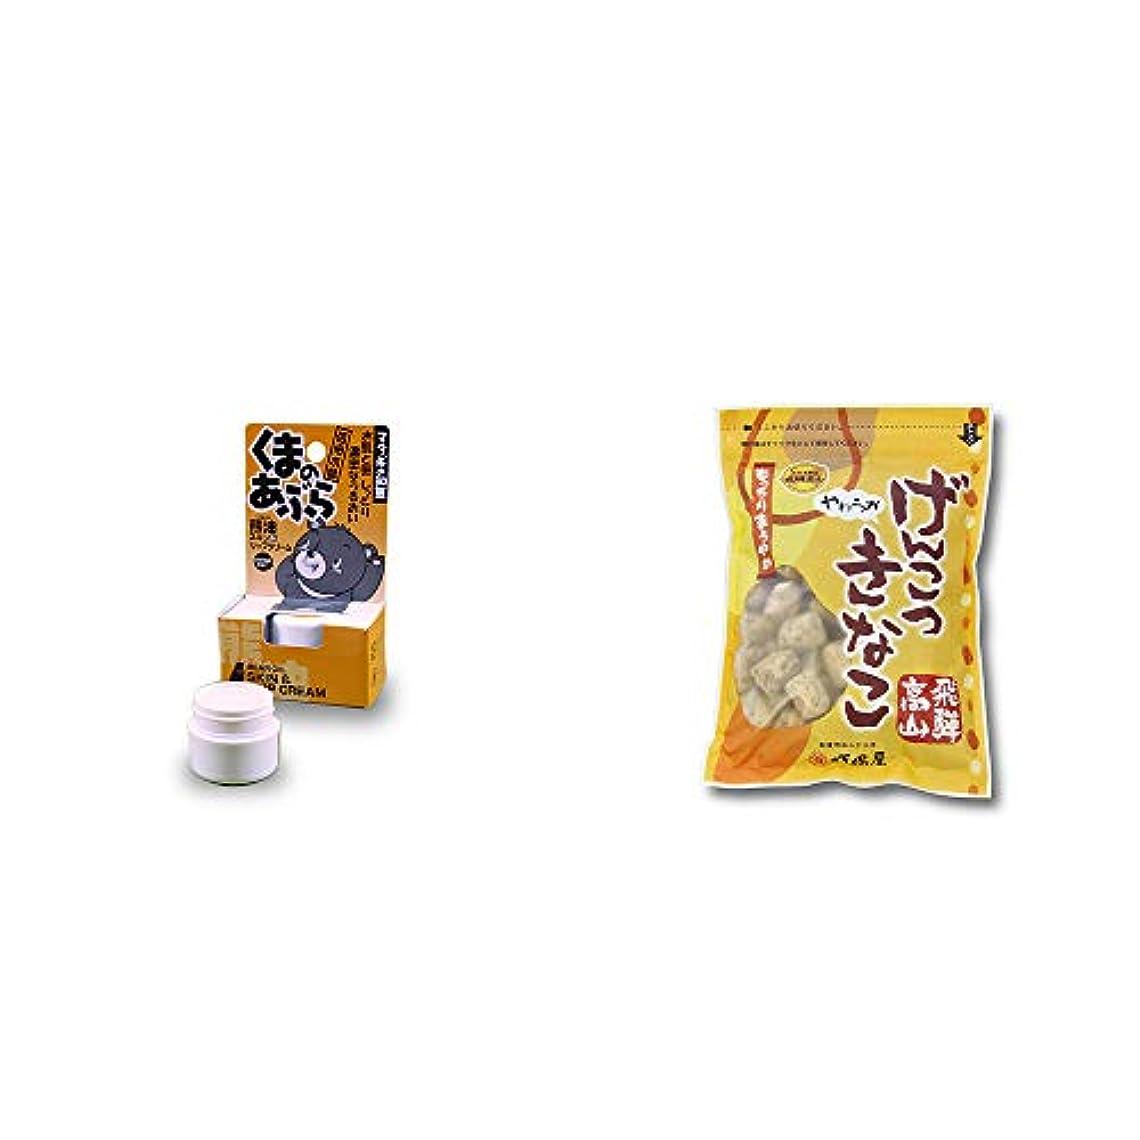 目の前の必要動員する[2点セット] 信州木曽 くまのあぶら 熊油スキン&リップクリーム(9g)?飛騨 打保屋 駄菓子 黒胡麻こくせん(130g)